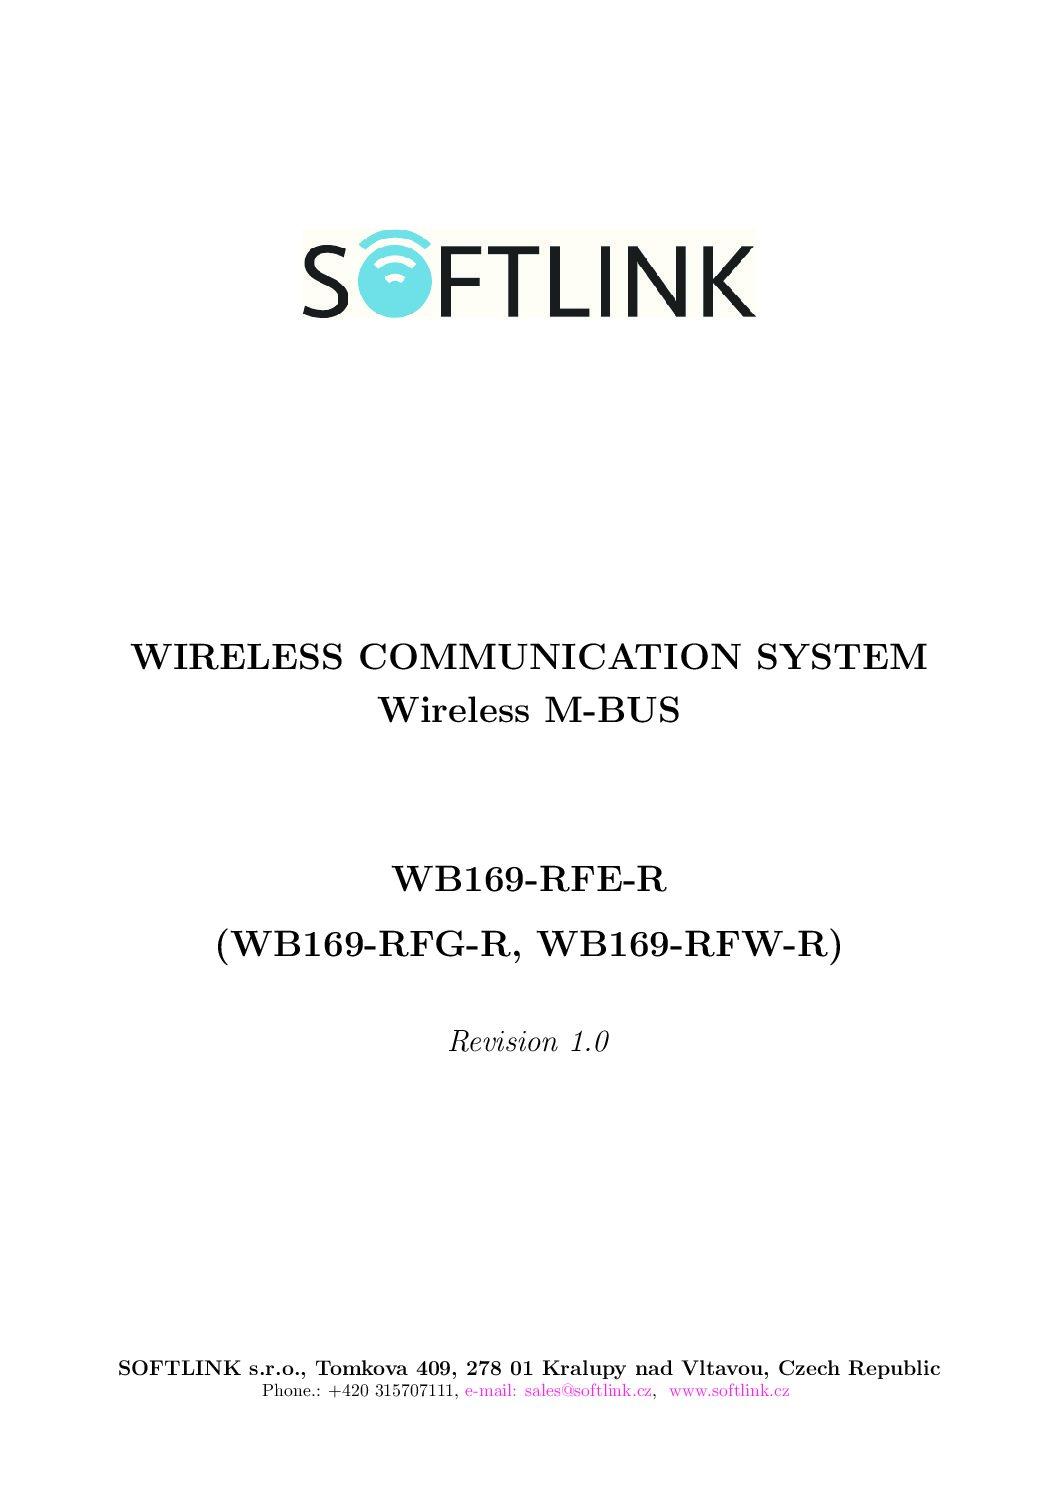 Manual_WB169-RFE-R-EN